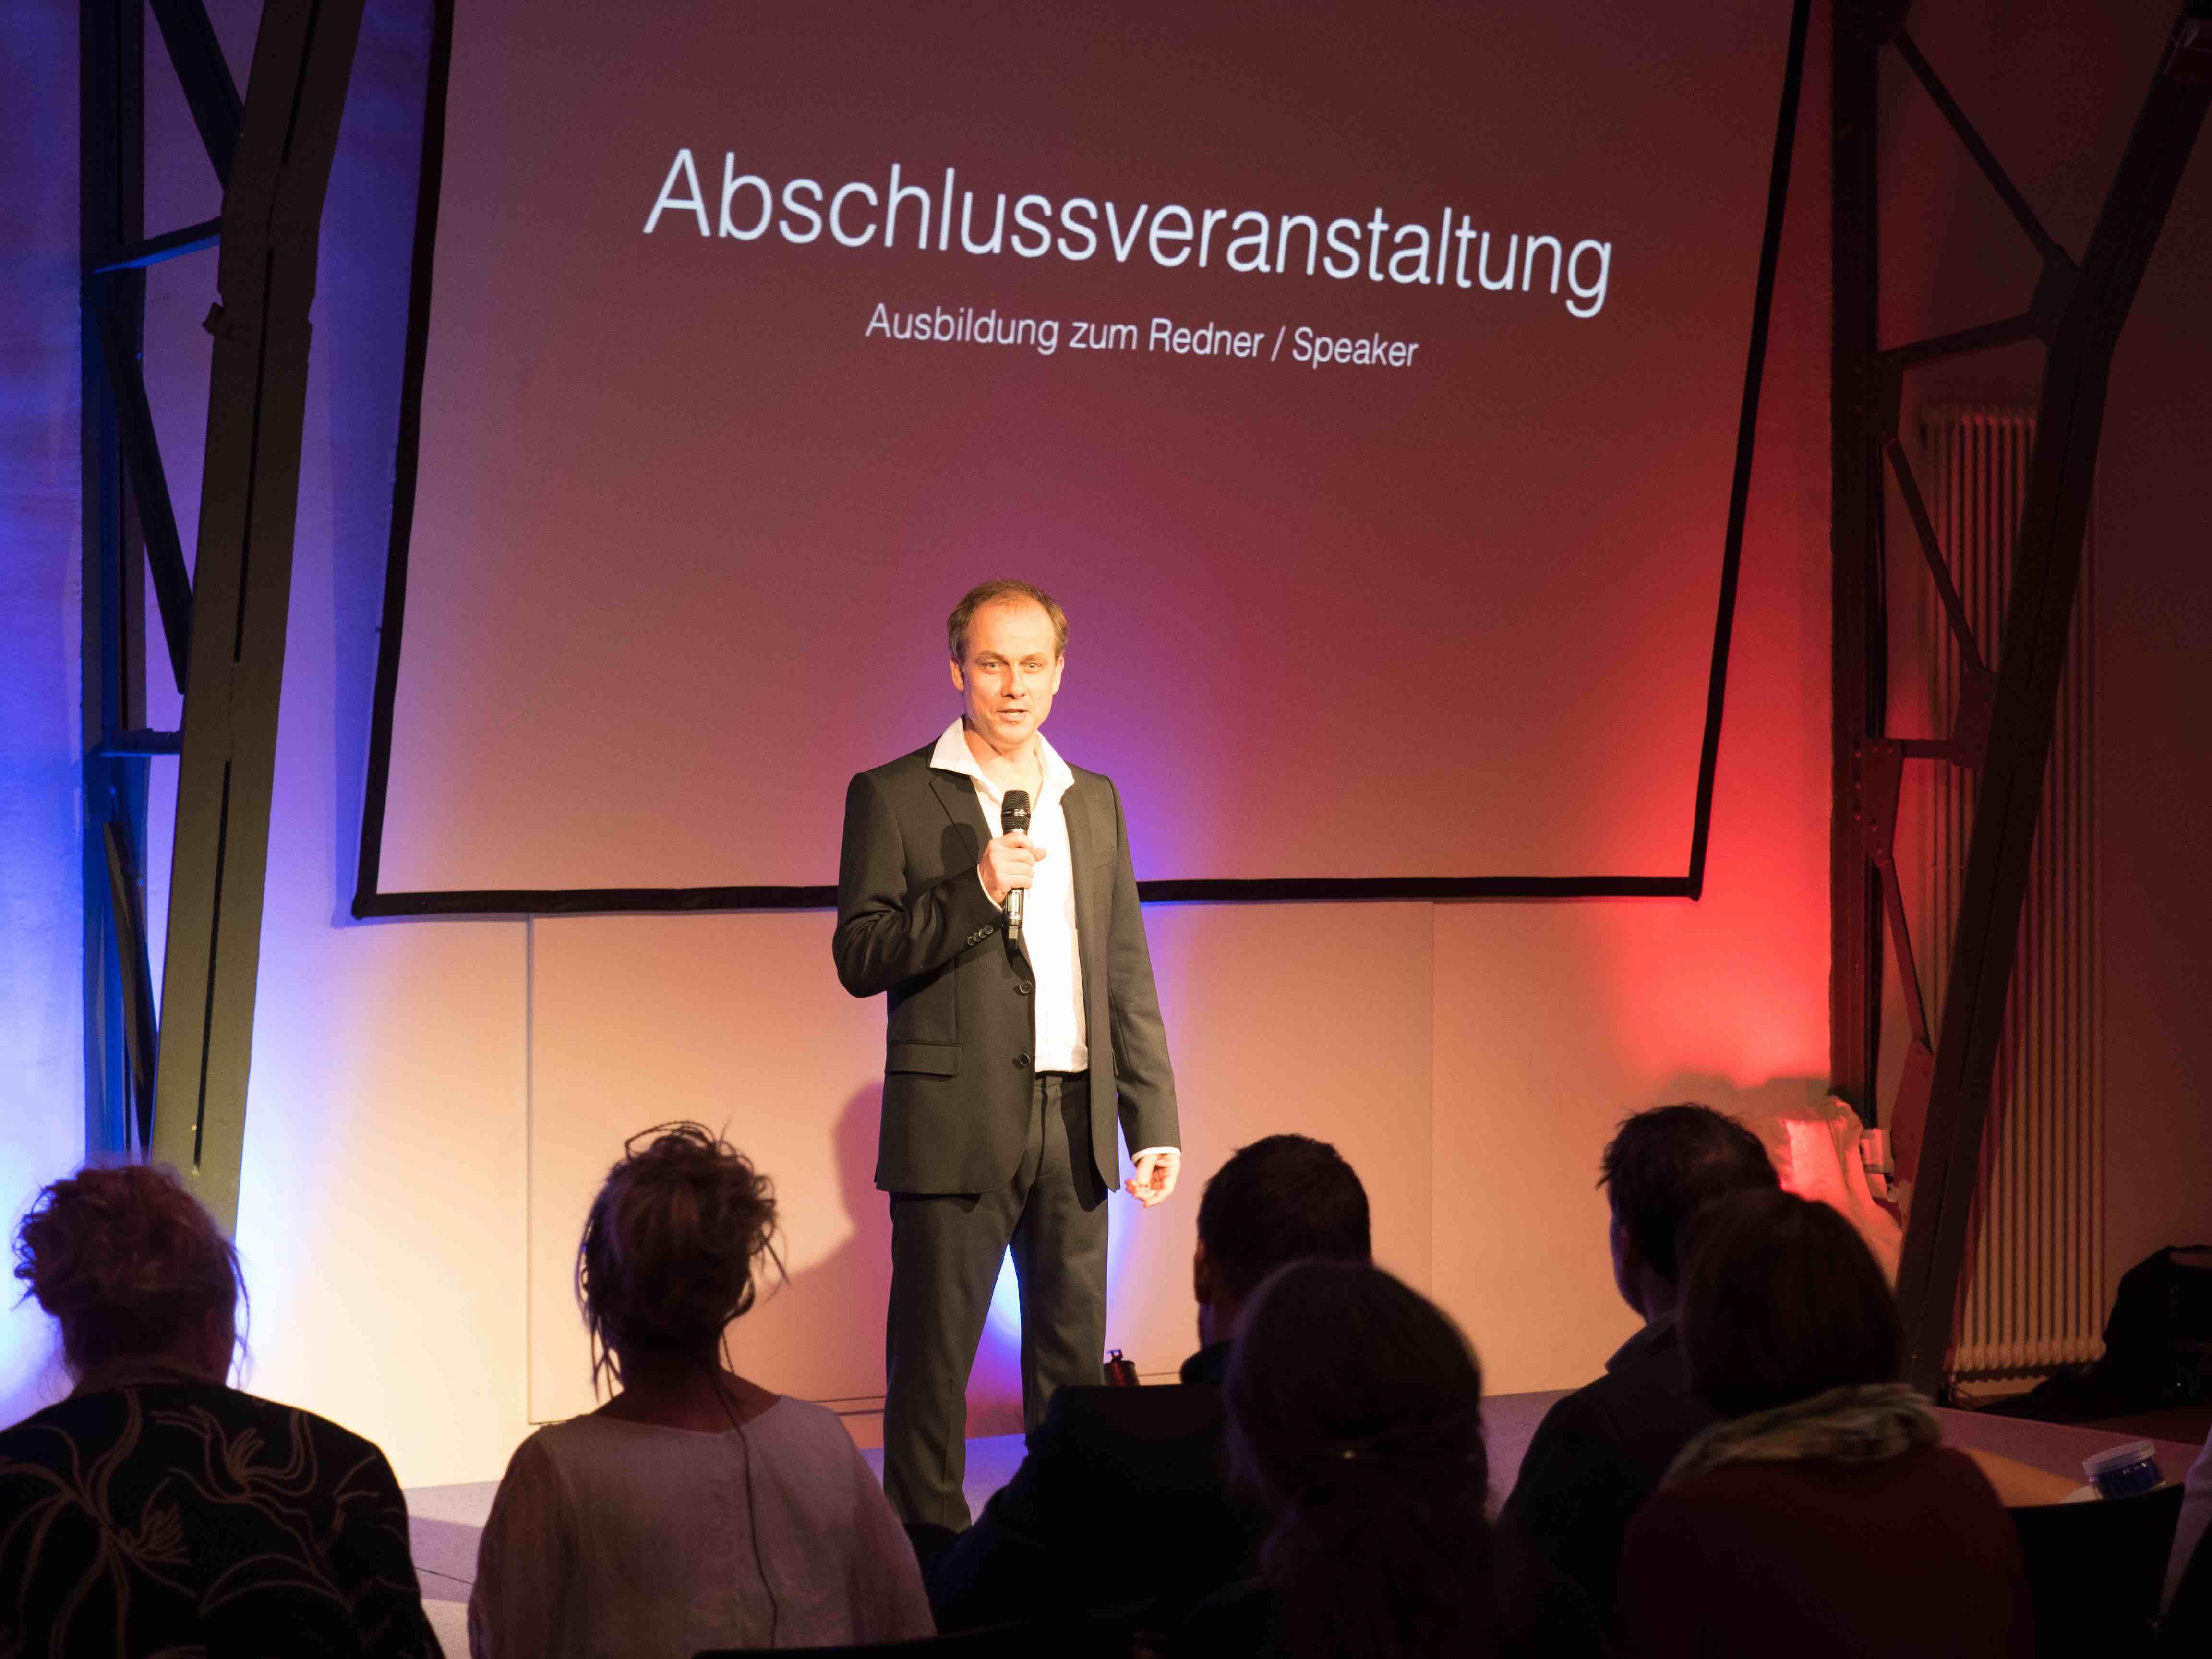 Abschluss Speakerausbildung - Nacht der Redner @ Palisade - Tagungs- und Veranstaltungszentrum   Berlin   Berlin   Deutschland